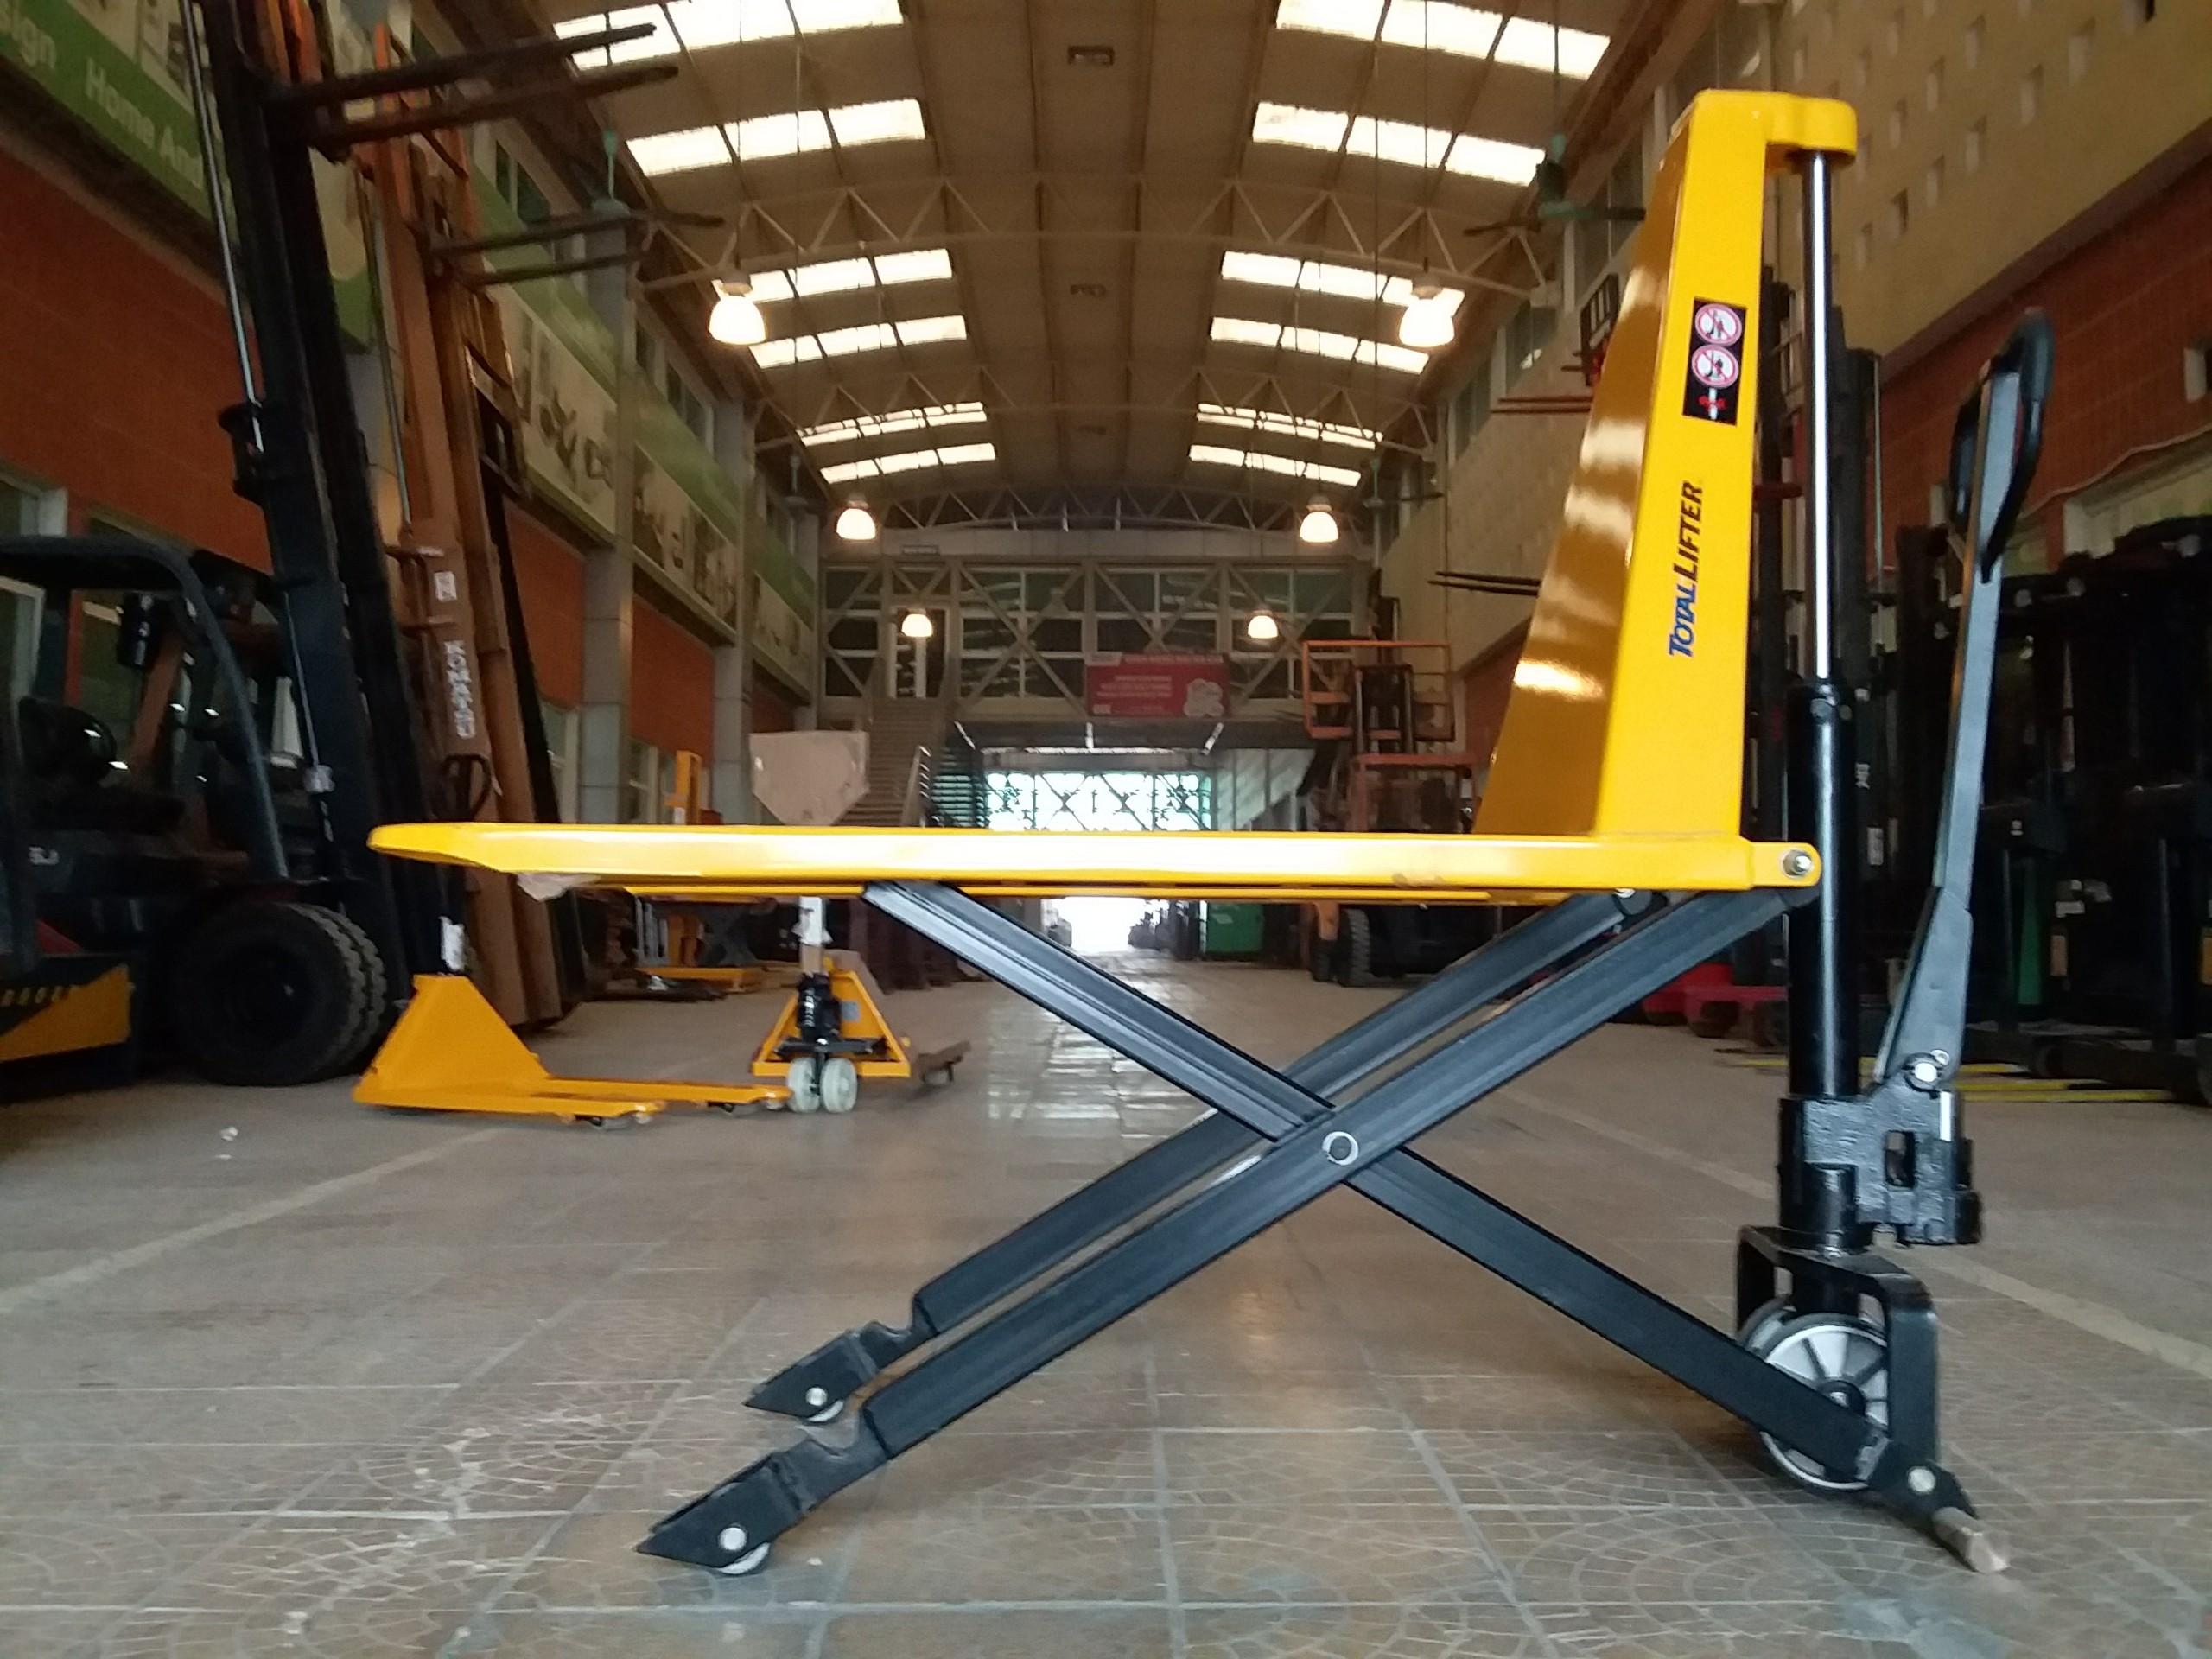 Xe nâng tay cắt kéo 143TA7850,hiệu totallifter,    tải    trọng    nâng    1000kg,    KT 1170x685x16